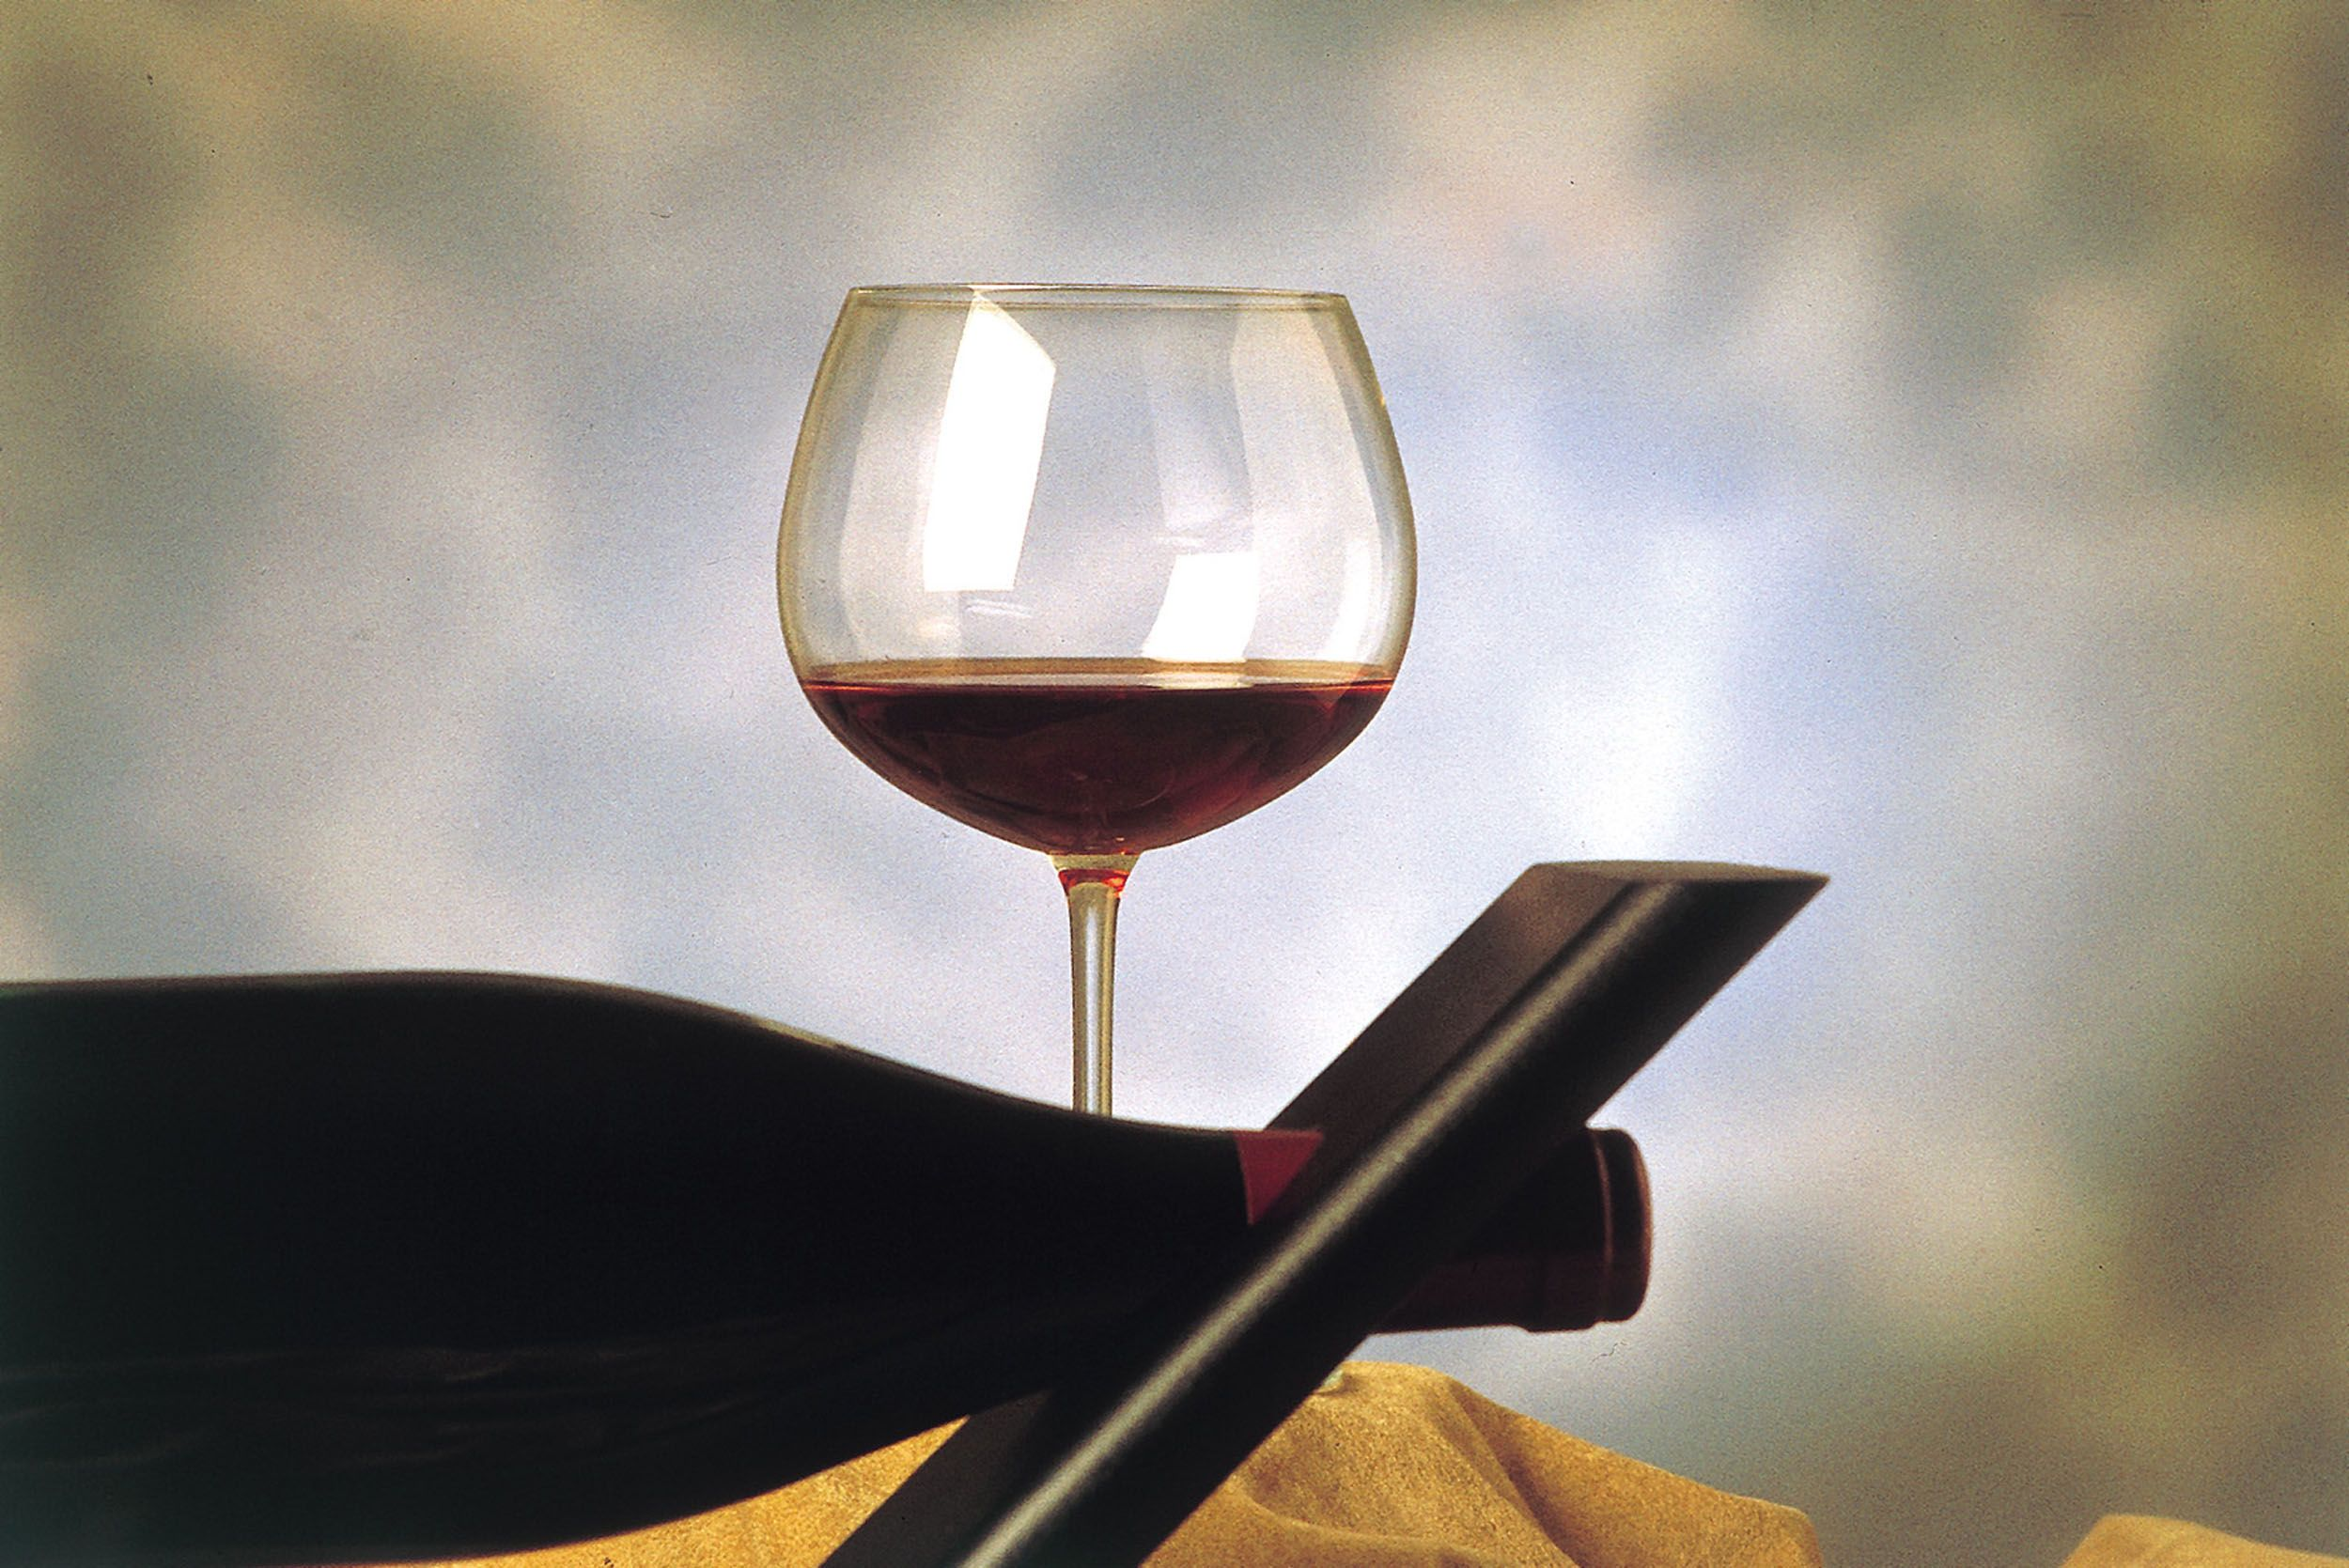 Cosa vuol dire 'in vino veritas'? Significato e traduzione dell'espressione latina